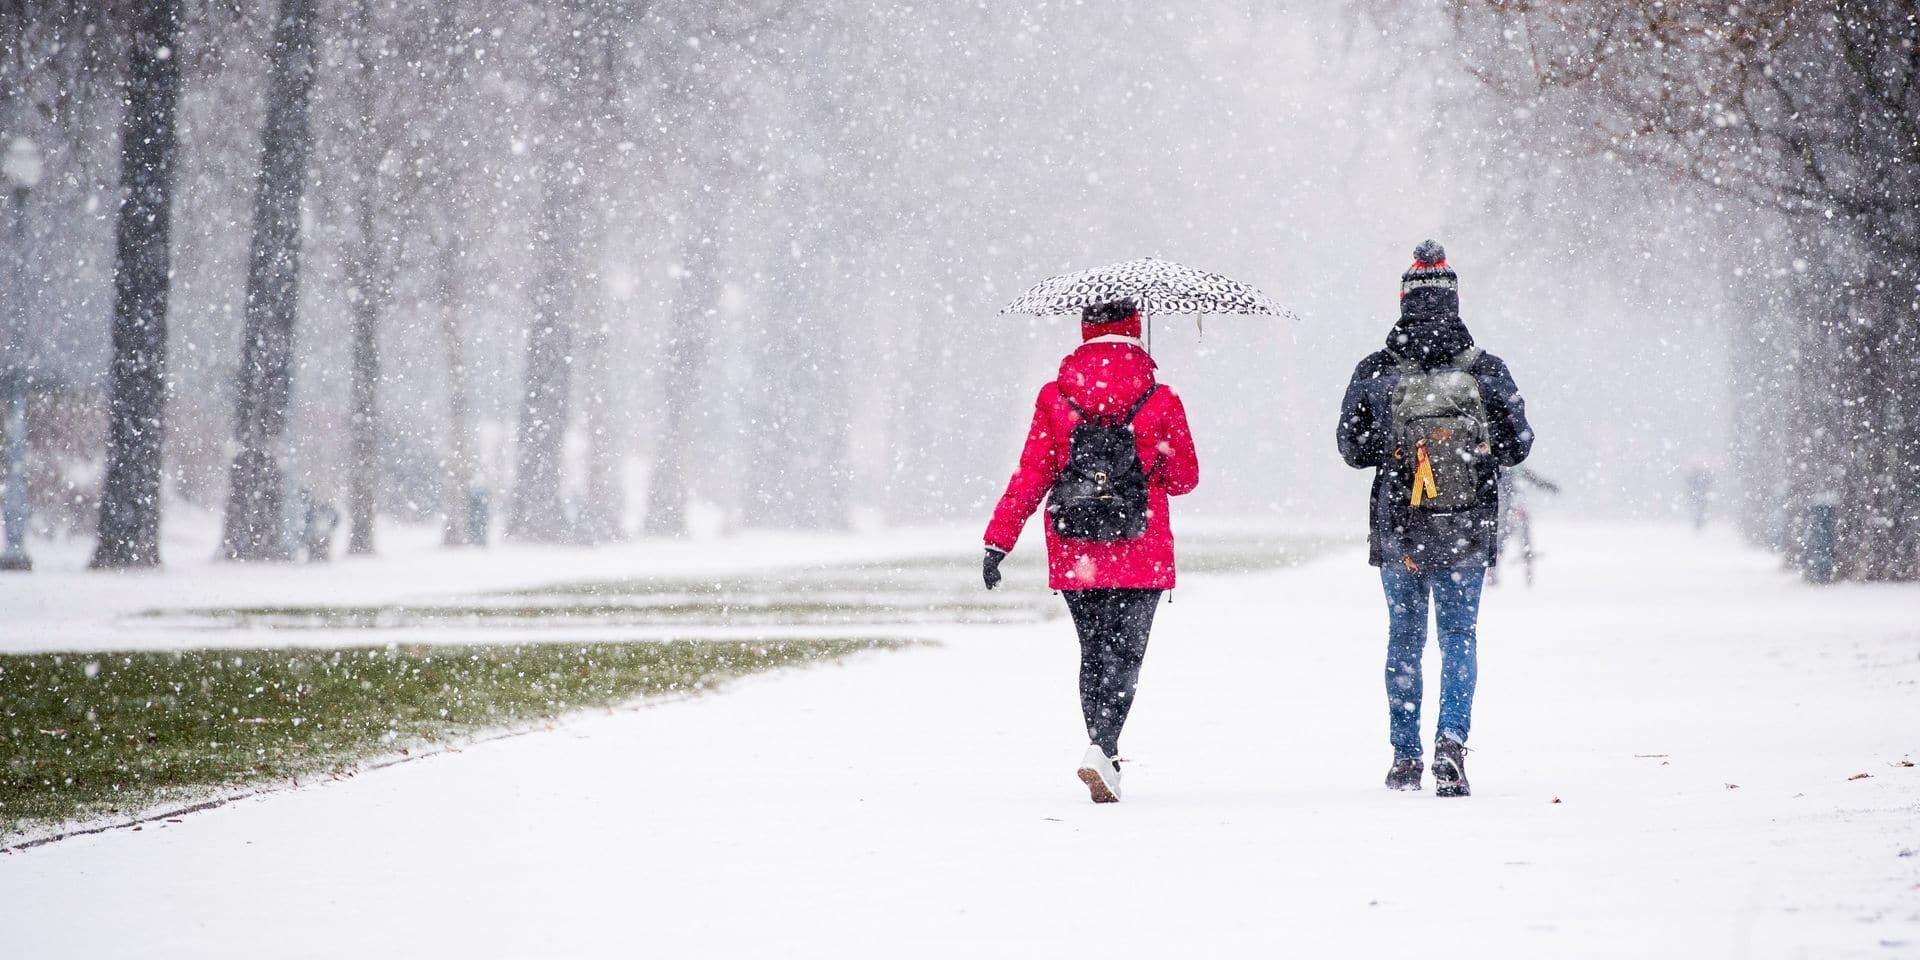 10 à 25cm de neige, vents violents, plaques de givres : l'IRM annonce un dimanche très hivernal !